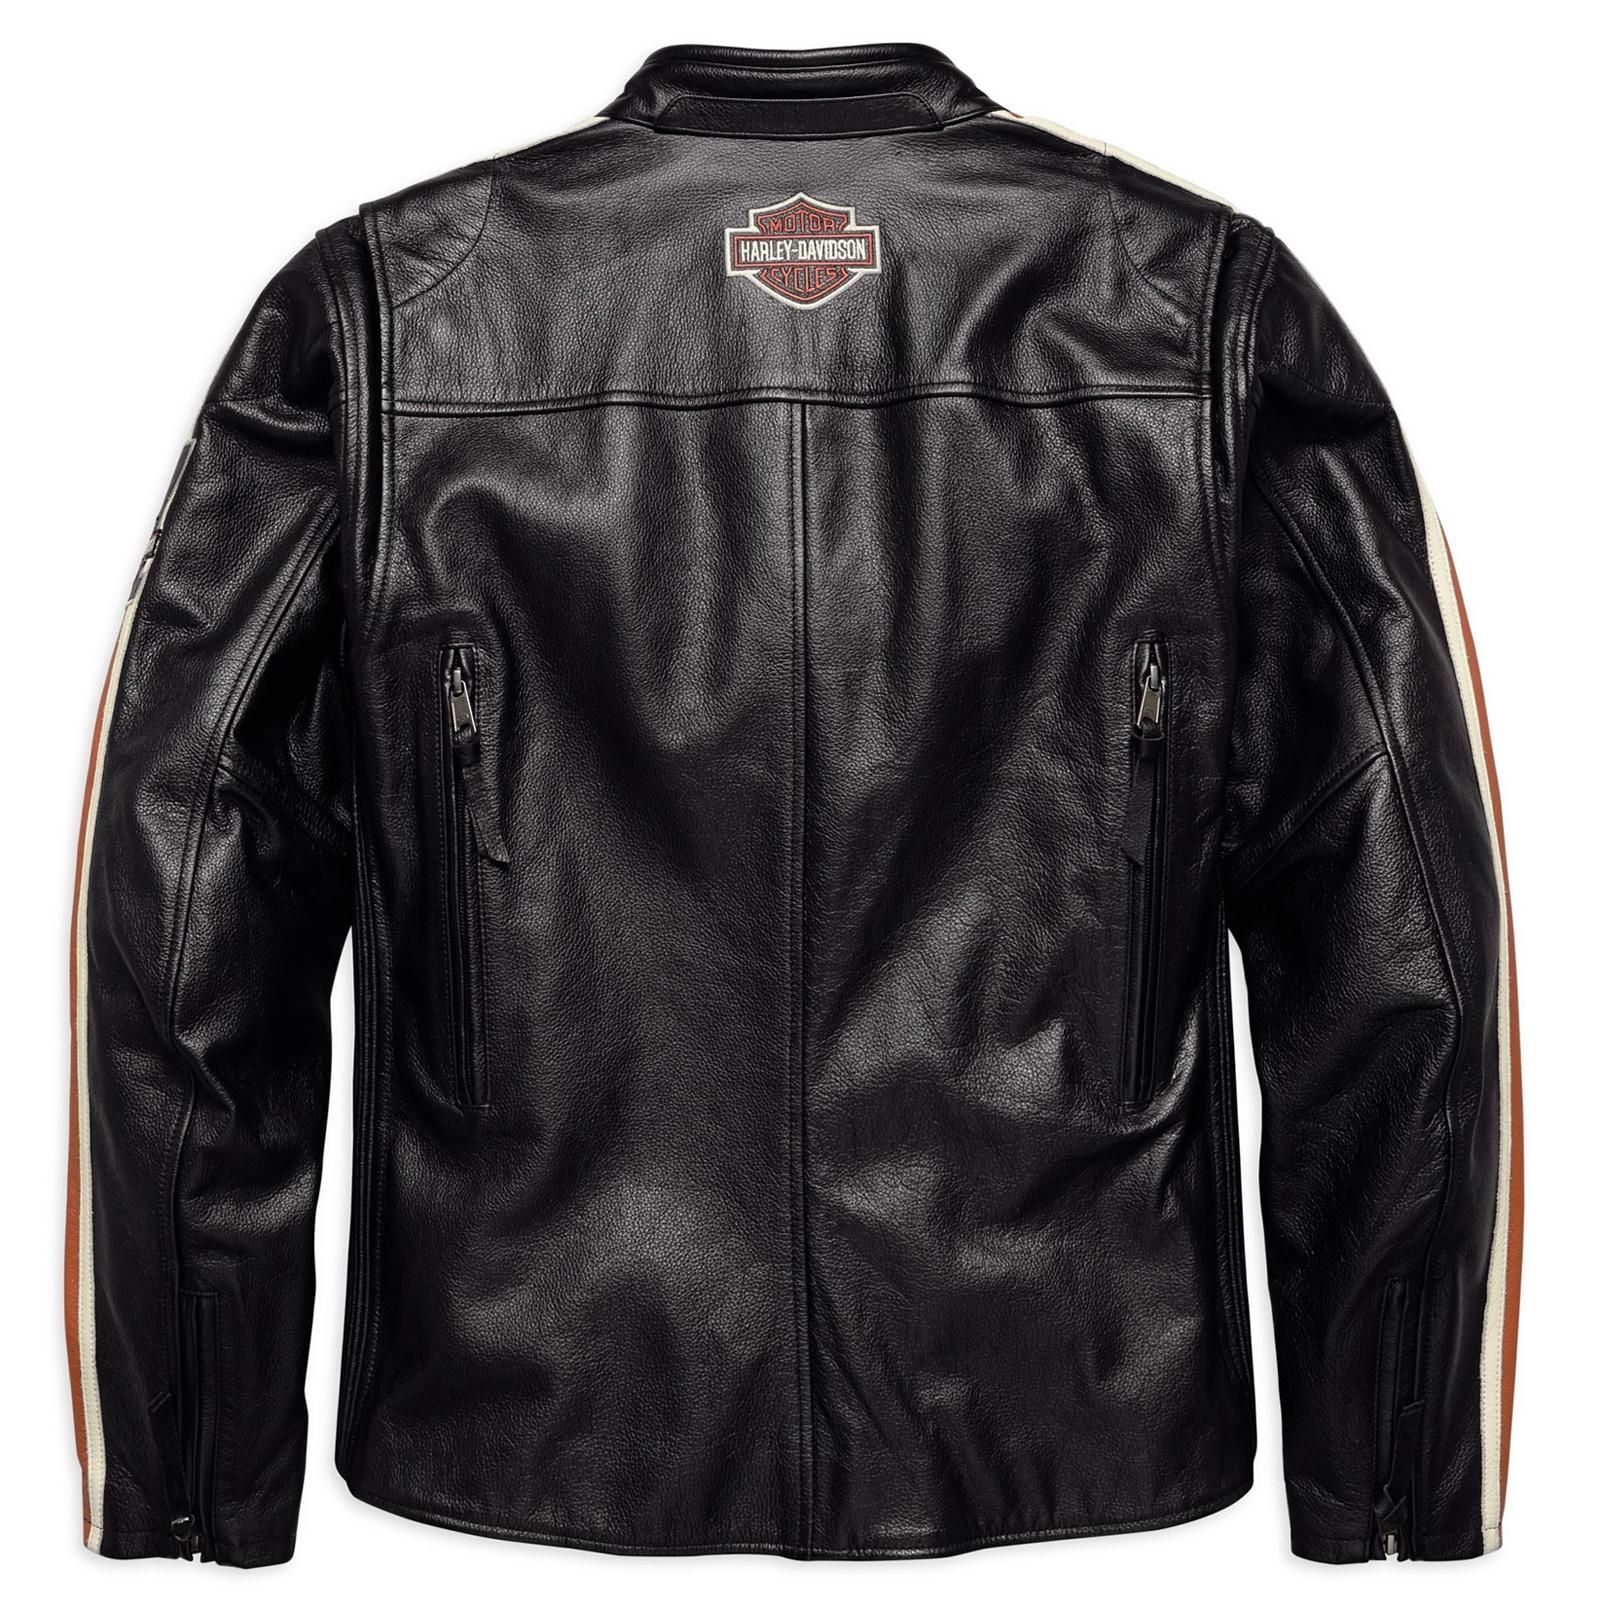 Harley Davidson Torque Leather Jacket